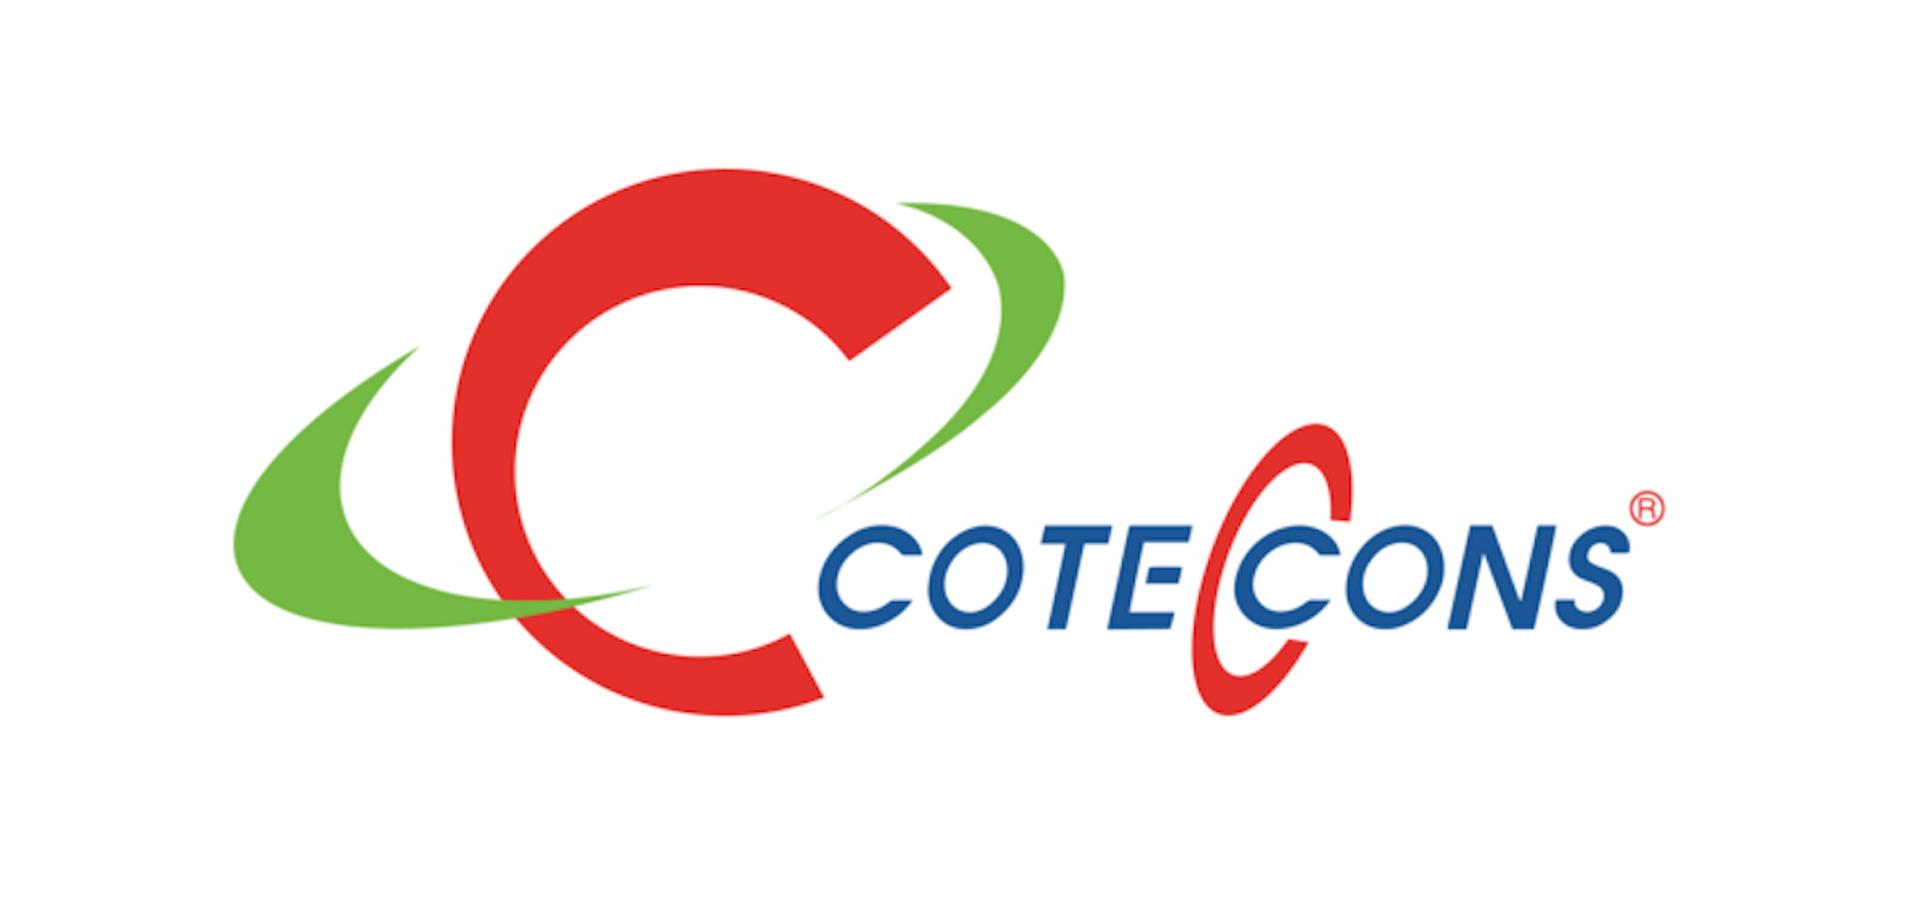 Coteccons làm gì để duy trì vị thế nhà thầu lớn nhất Việt Nam? - Sputnik Việt Nam, 1920, 27.04.2021